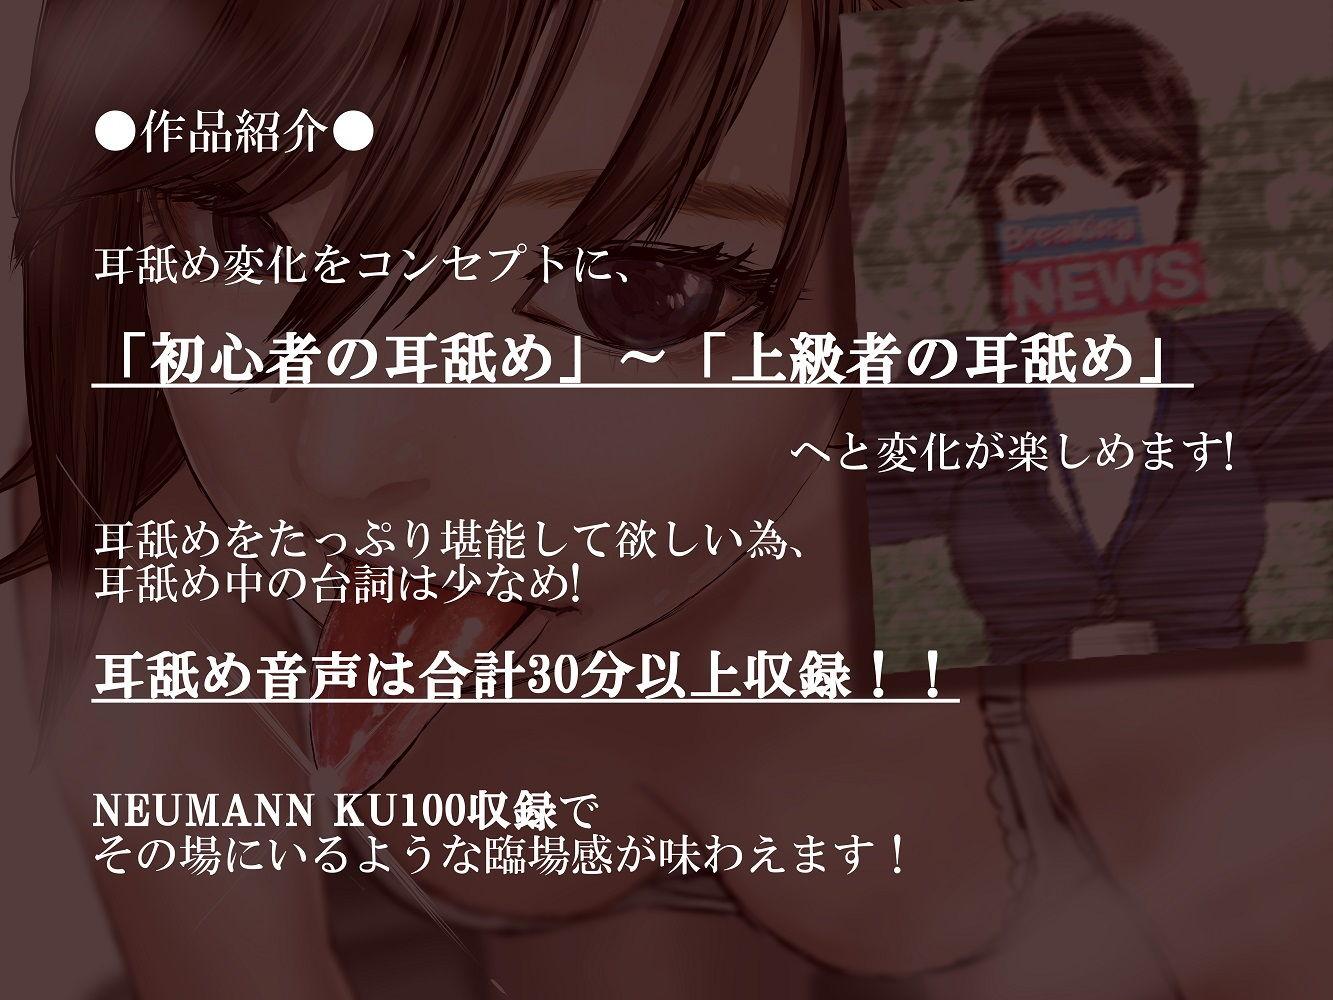 【耳舐変化】甘〜い囁きアンニュイ系レンタル彼女【KU100】